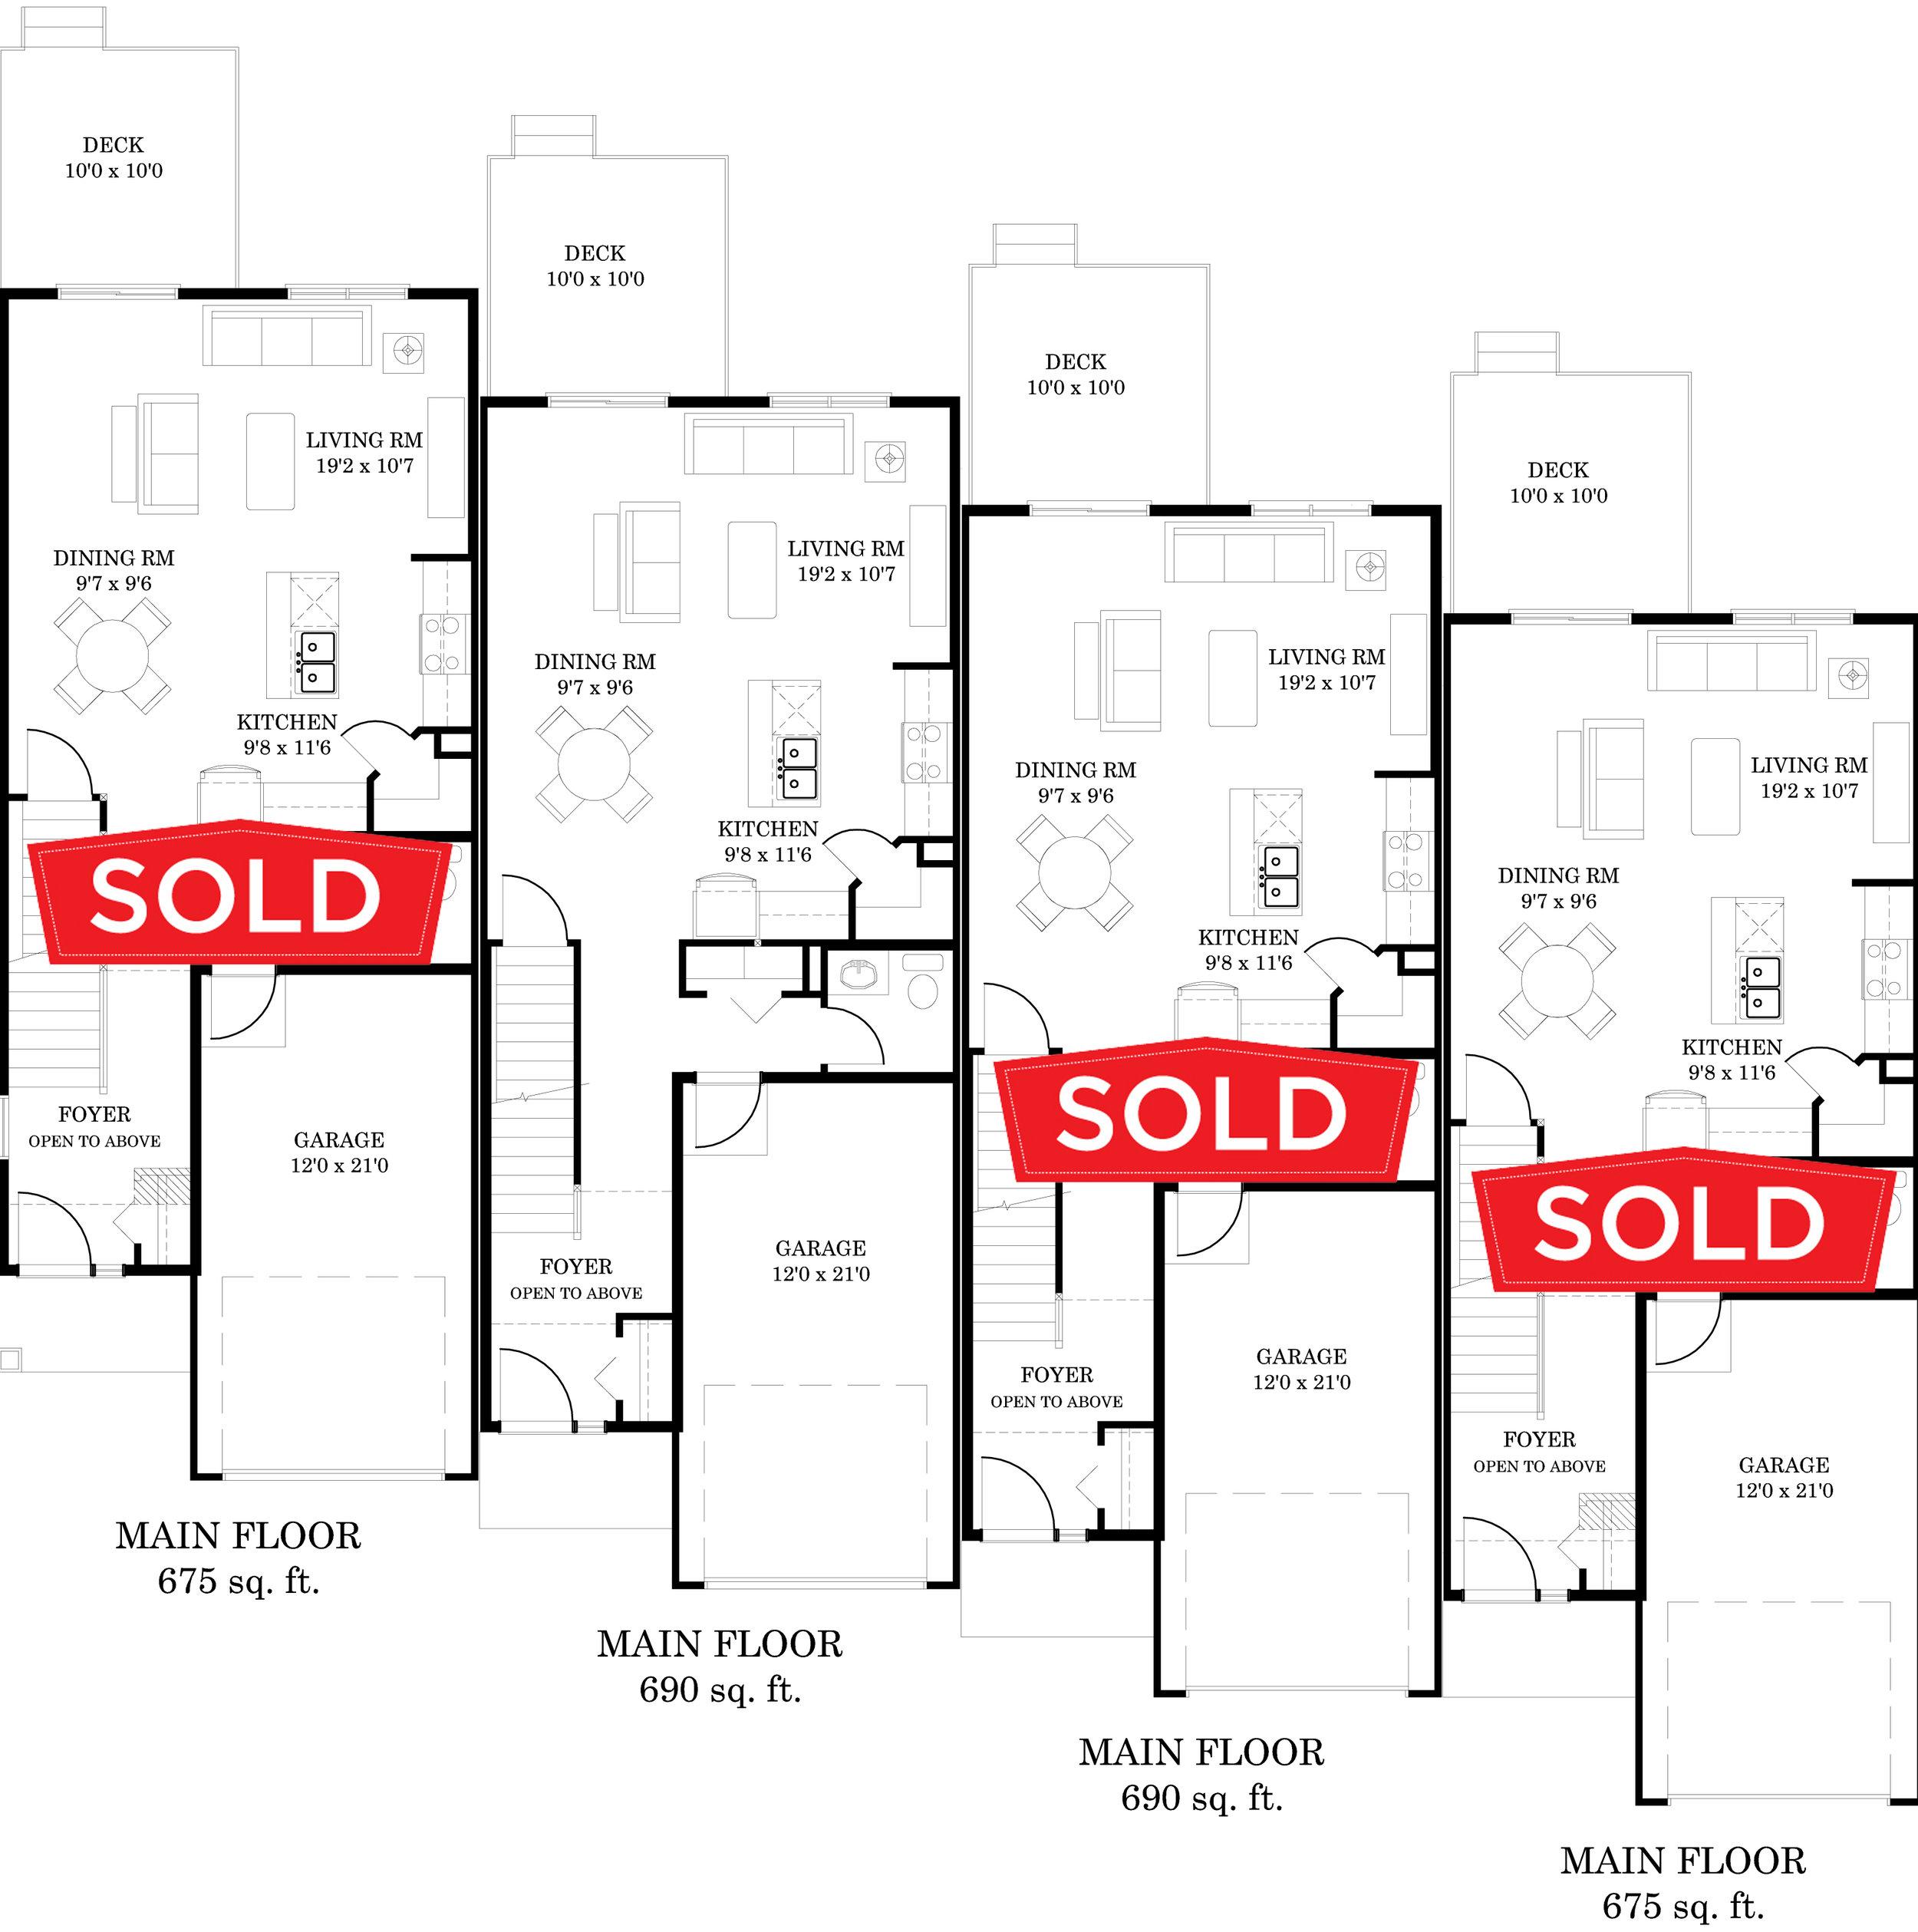 Main floor with solds.jpg